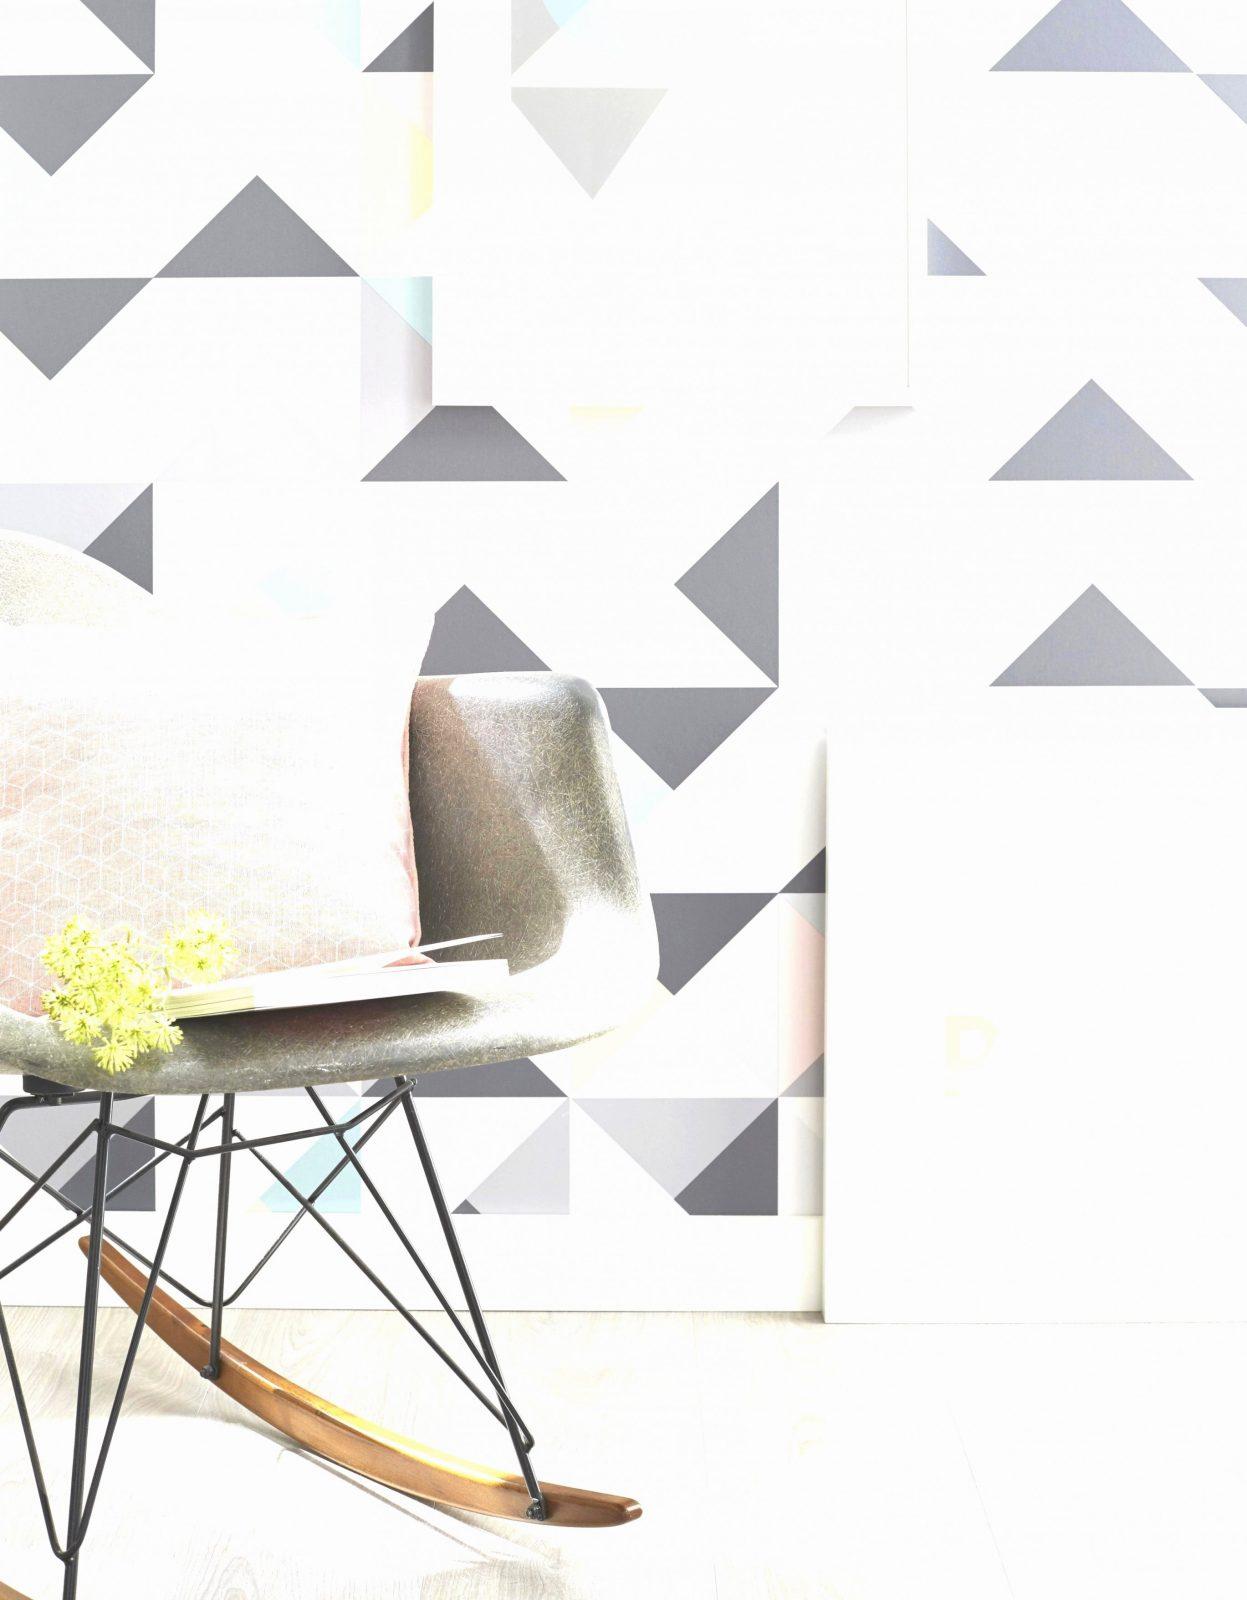 Design Tapeten Wohnzimmer Ideen Was Solltest Du Tun von Tapeten Wohnzimmer Ideen 2016 Bild